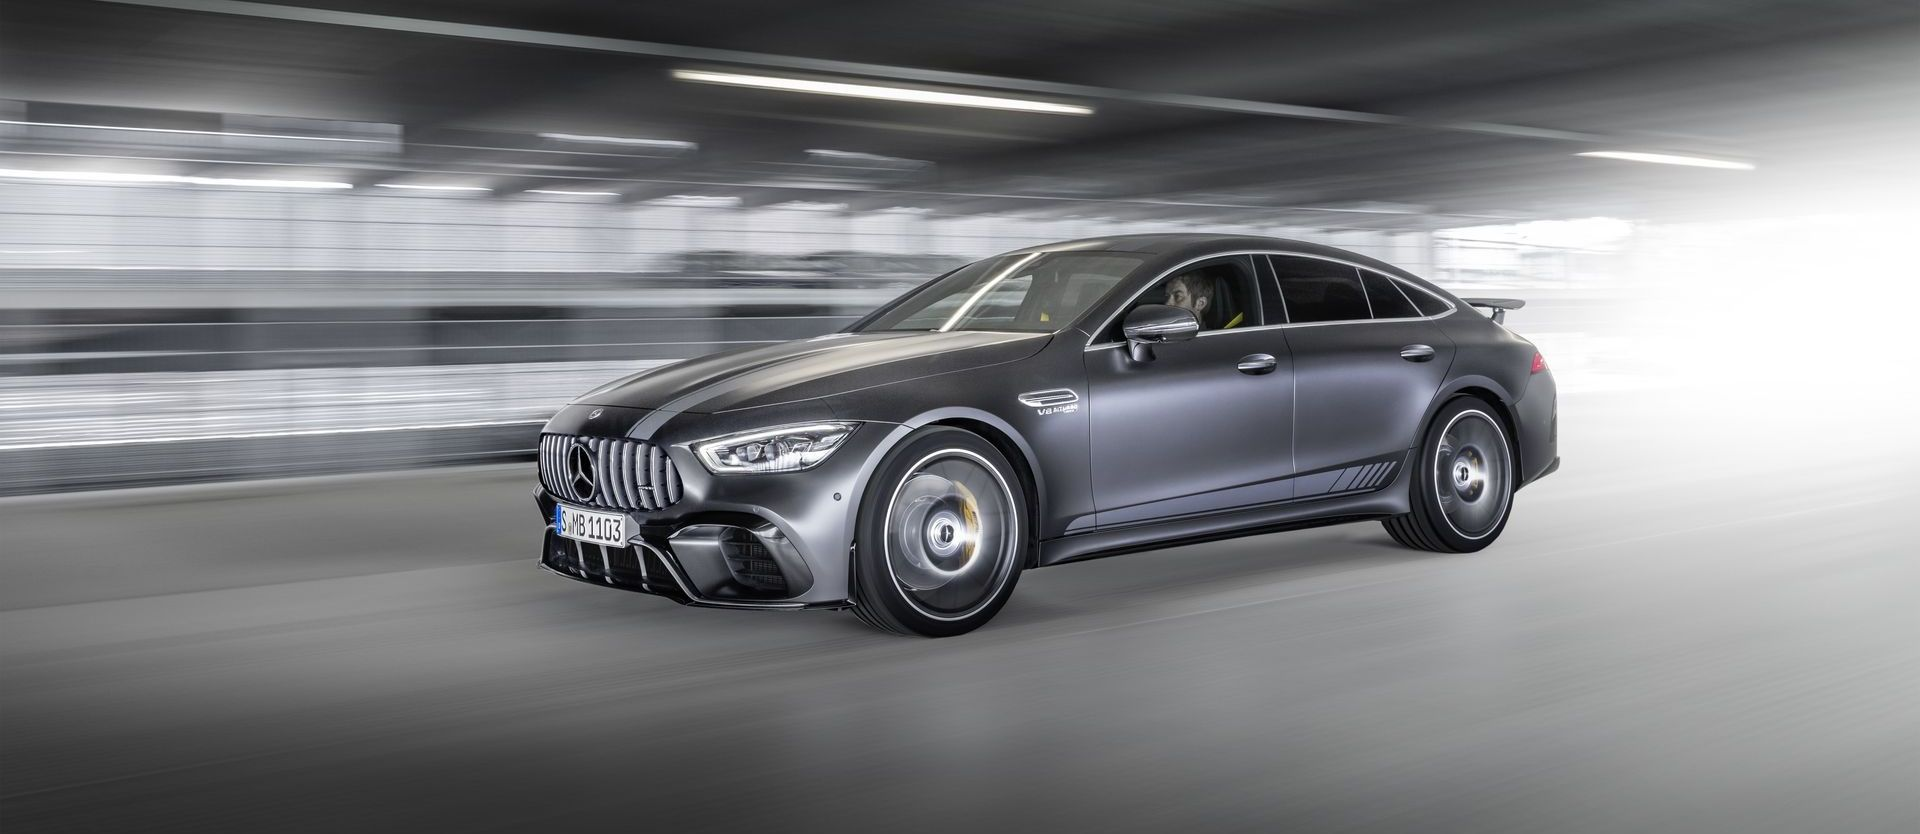 Die Neue Mercedes Amg Gt 63 S 4matic+ Edition 1: Noch Mehr Individualität Für Das Amg Gt 4 Türer Coupé